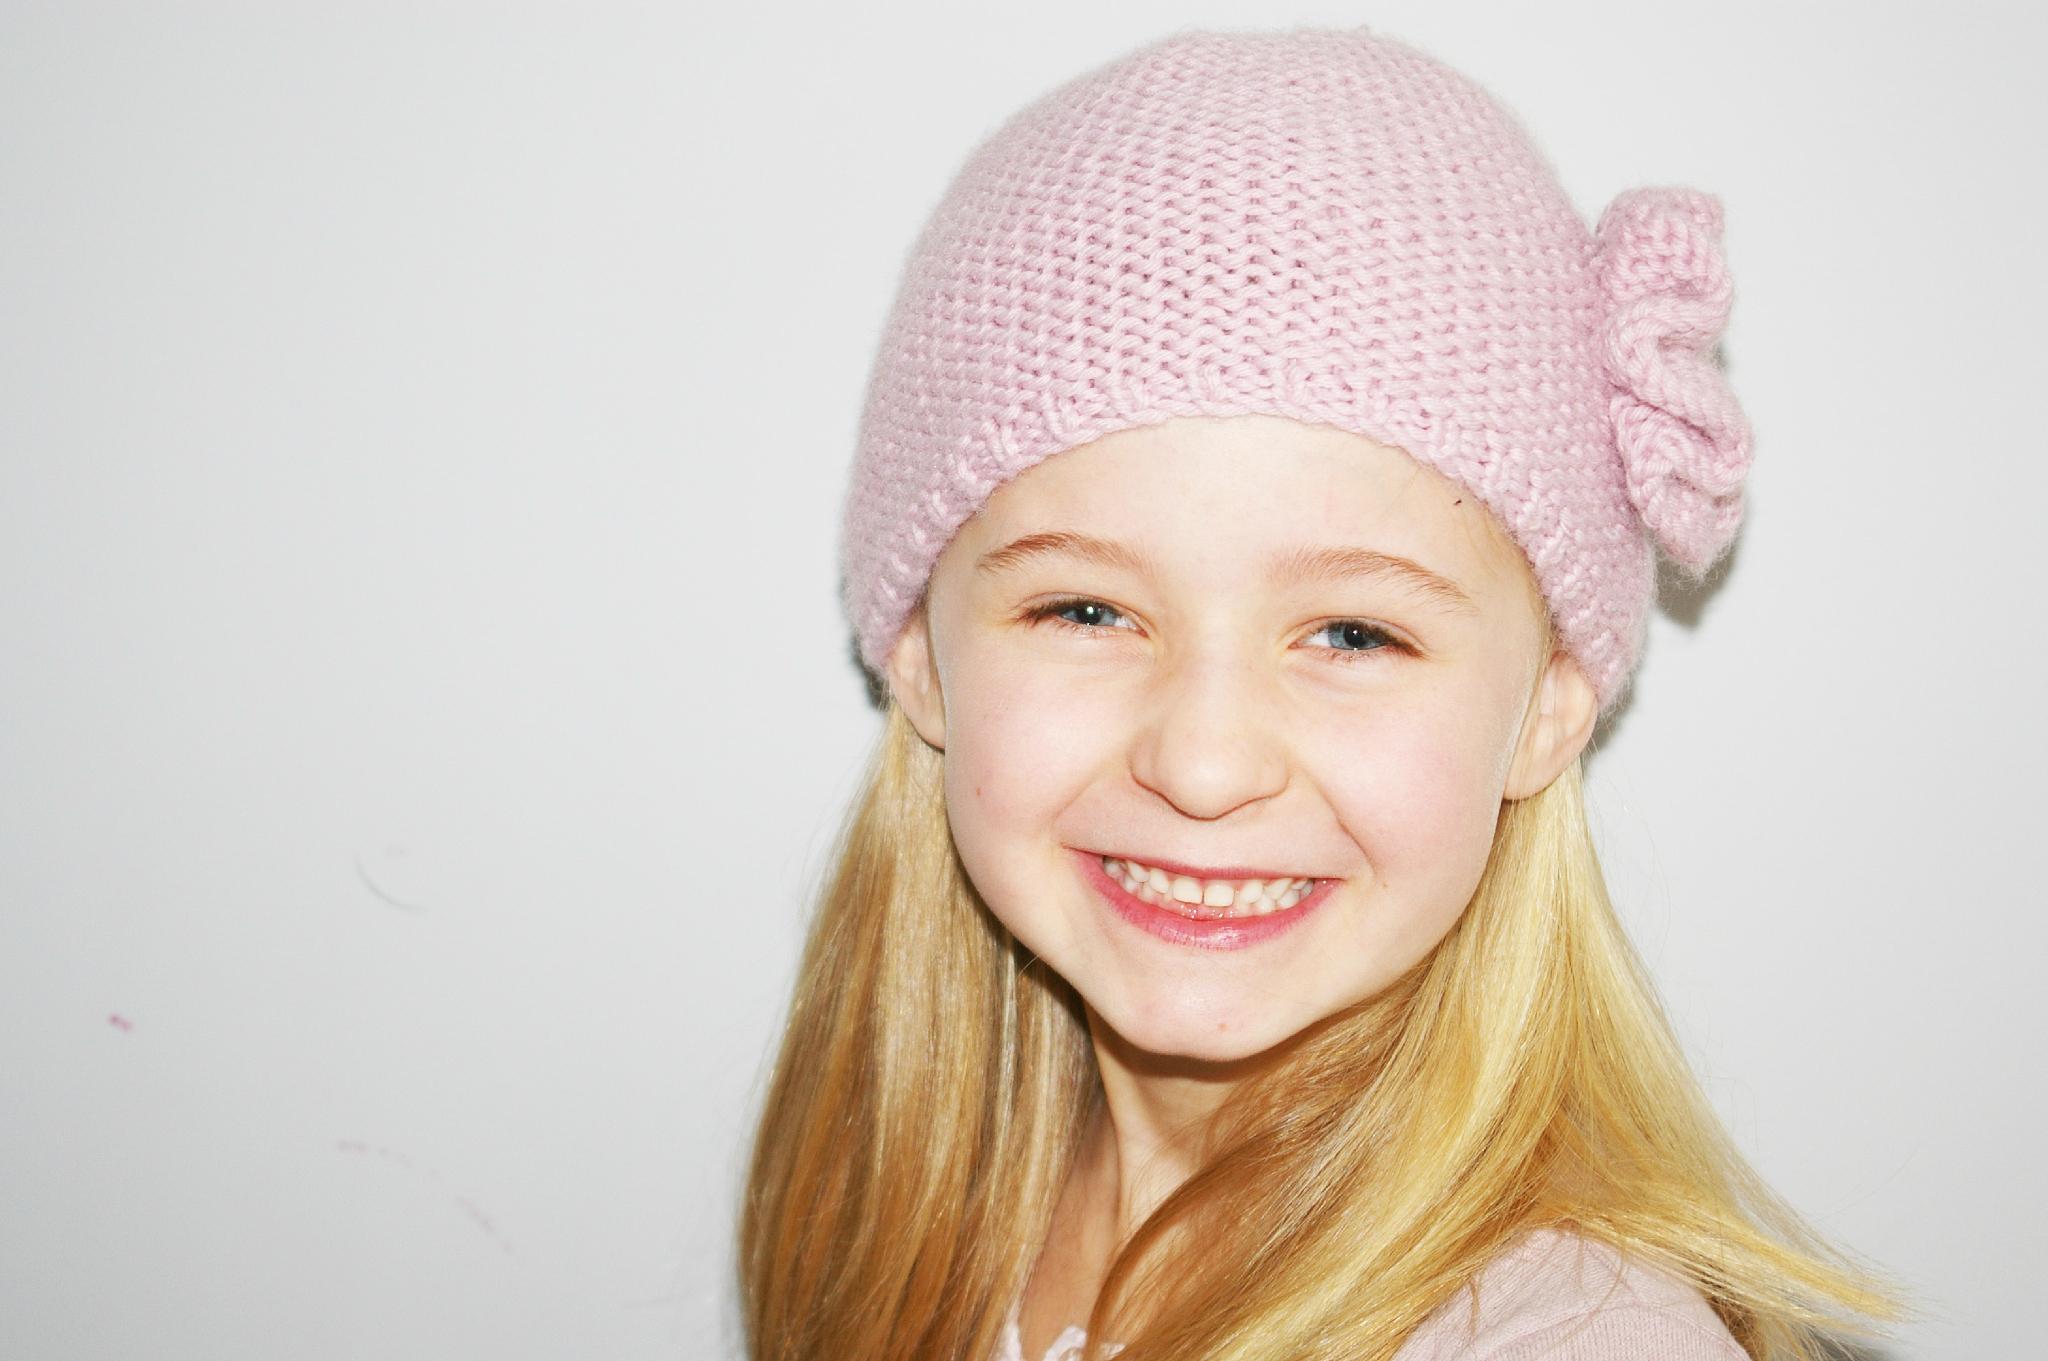 Tricoter un bonnet fille 8 ans